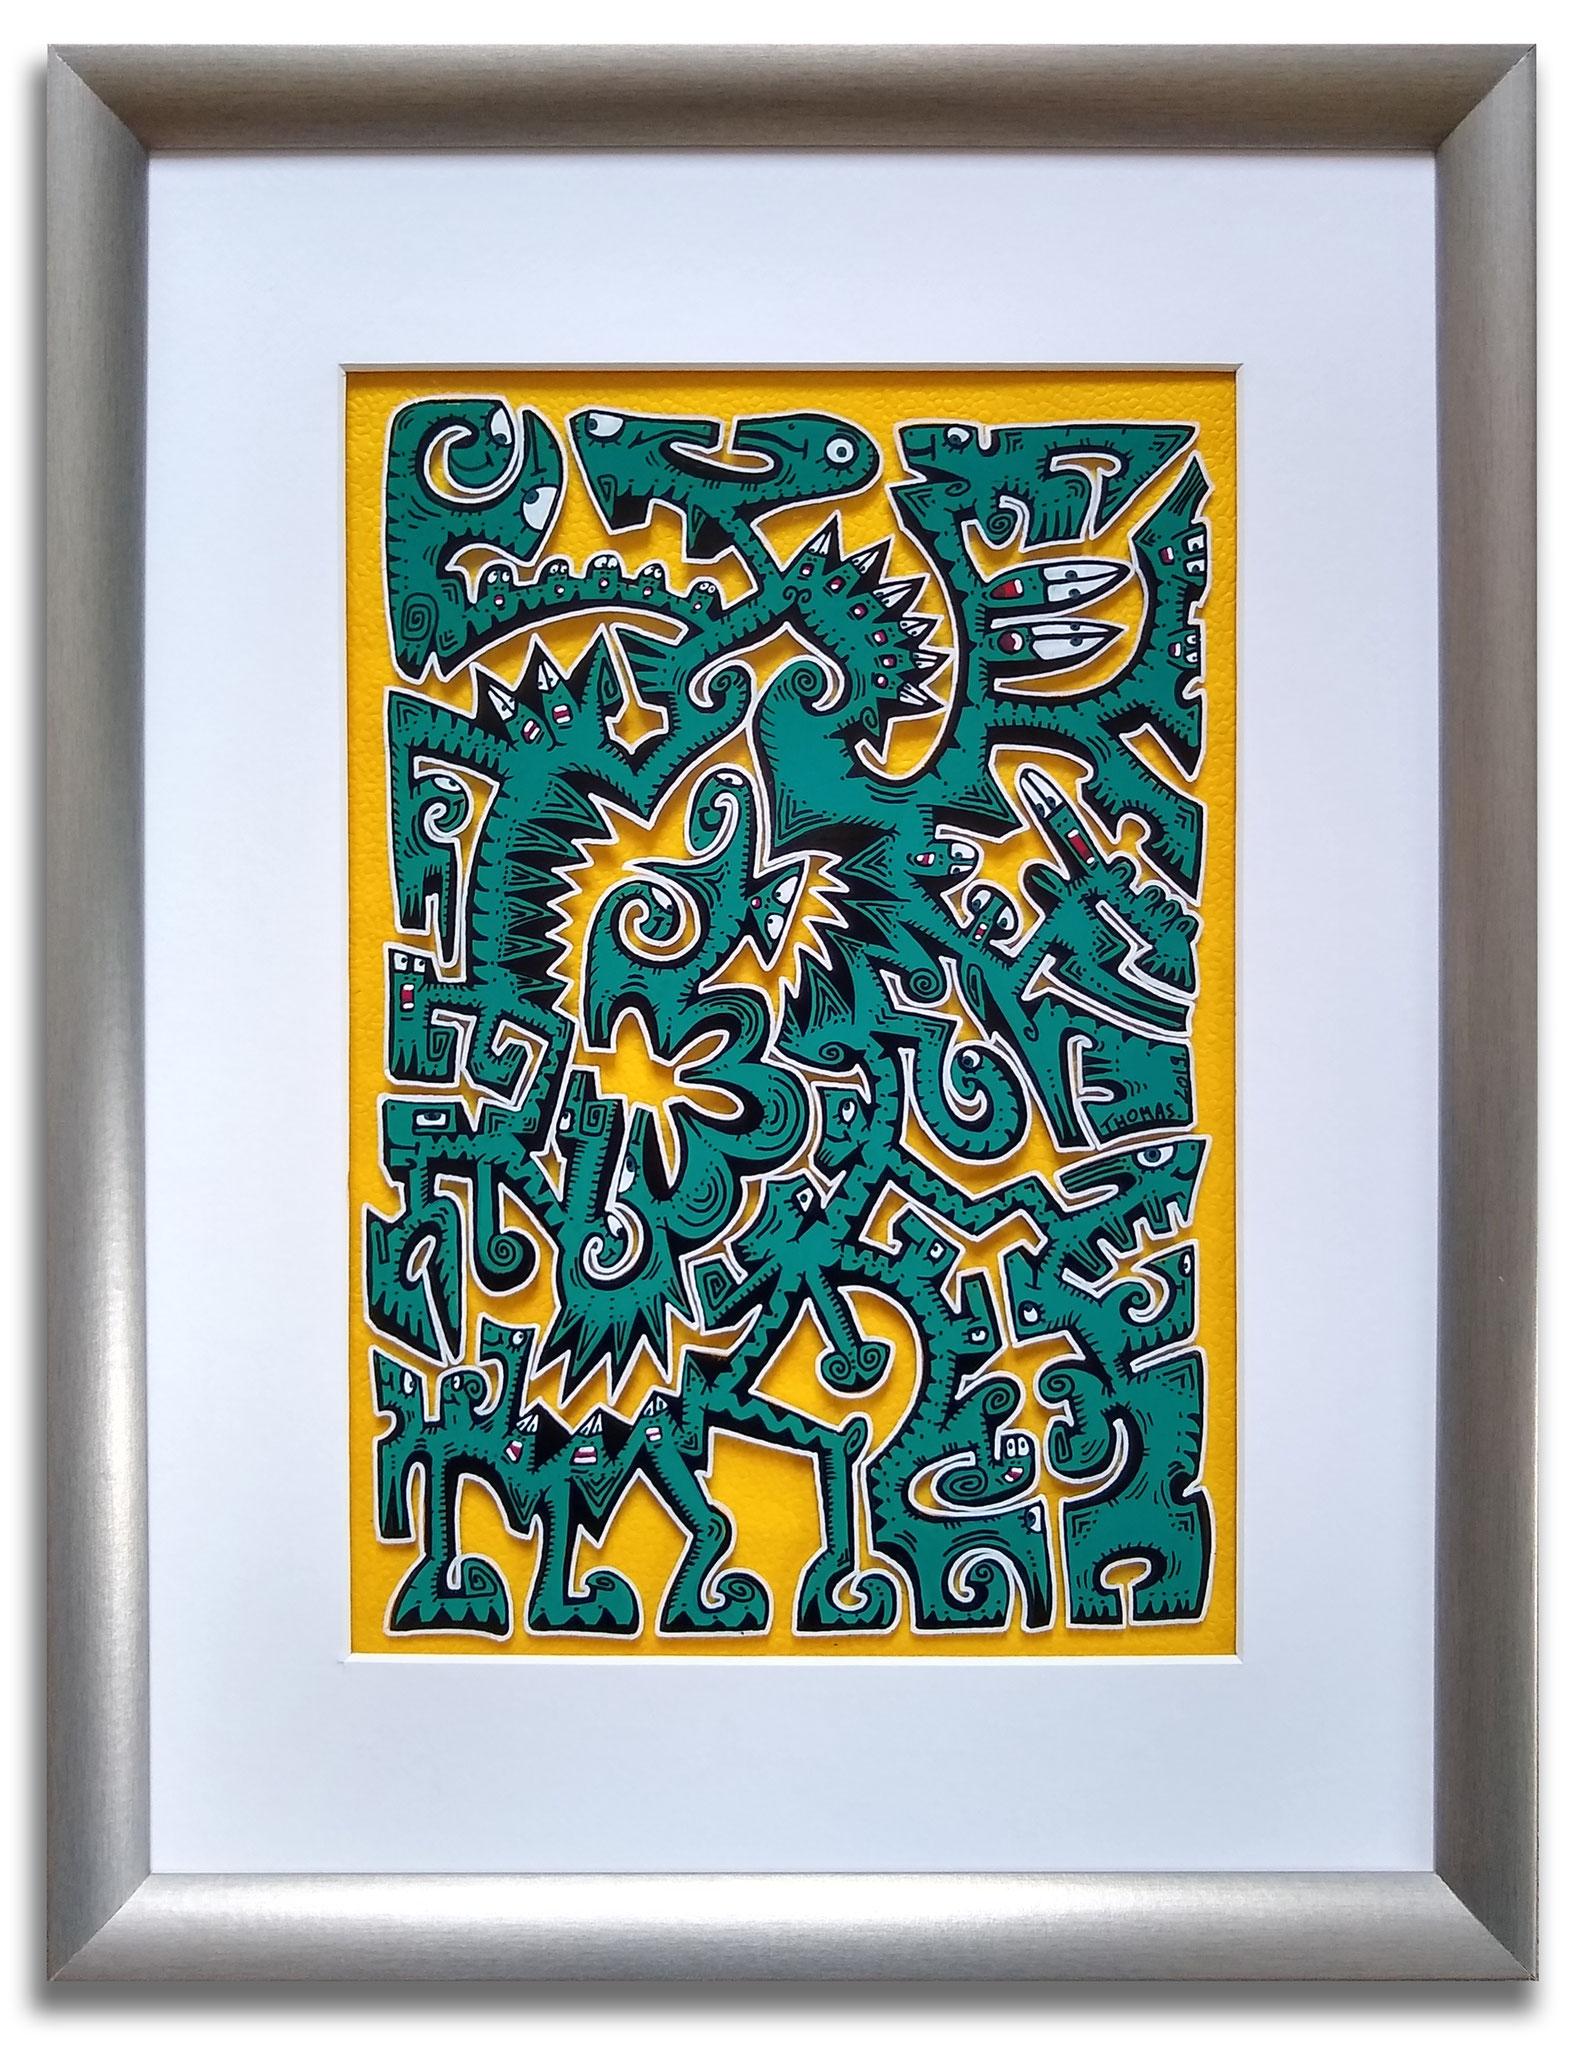 Titre : MT7/ feutres acrylique sur verre synthétique/ fond papier effet cuir jaune/format avec cadre : 52.5/42 cm/  prix : vendu